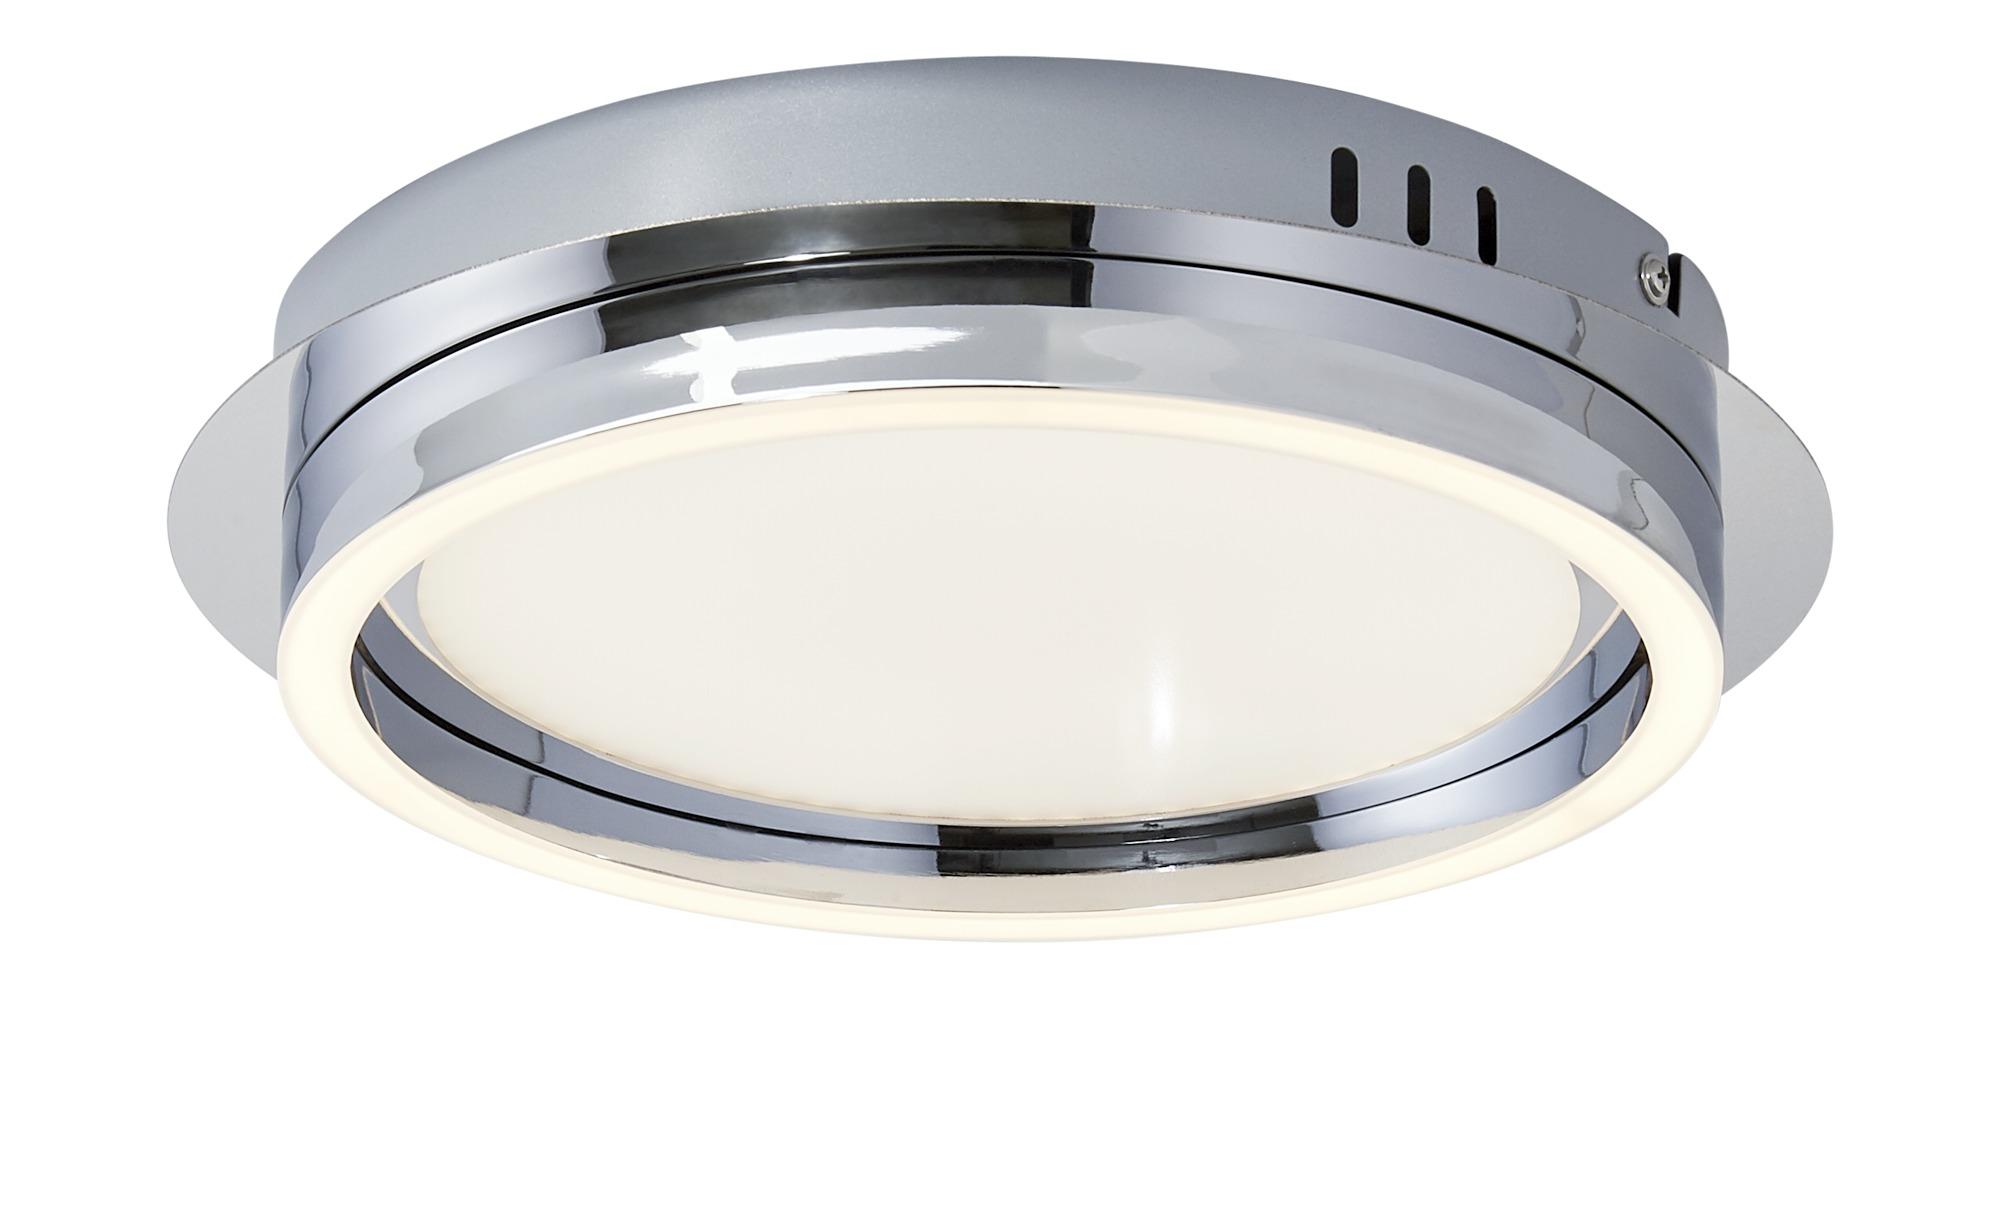 KHG LED-Deckenleuchte, chrom, mit Serienschaltung ¦ silber ¦ Maße (cm): H: 6,5 Ø: [30.0] Lampen & Leuchten > Innenleuchten > Deckenleuchten - Höffner